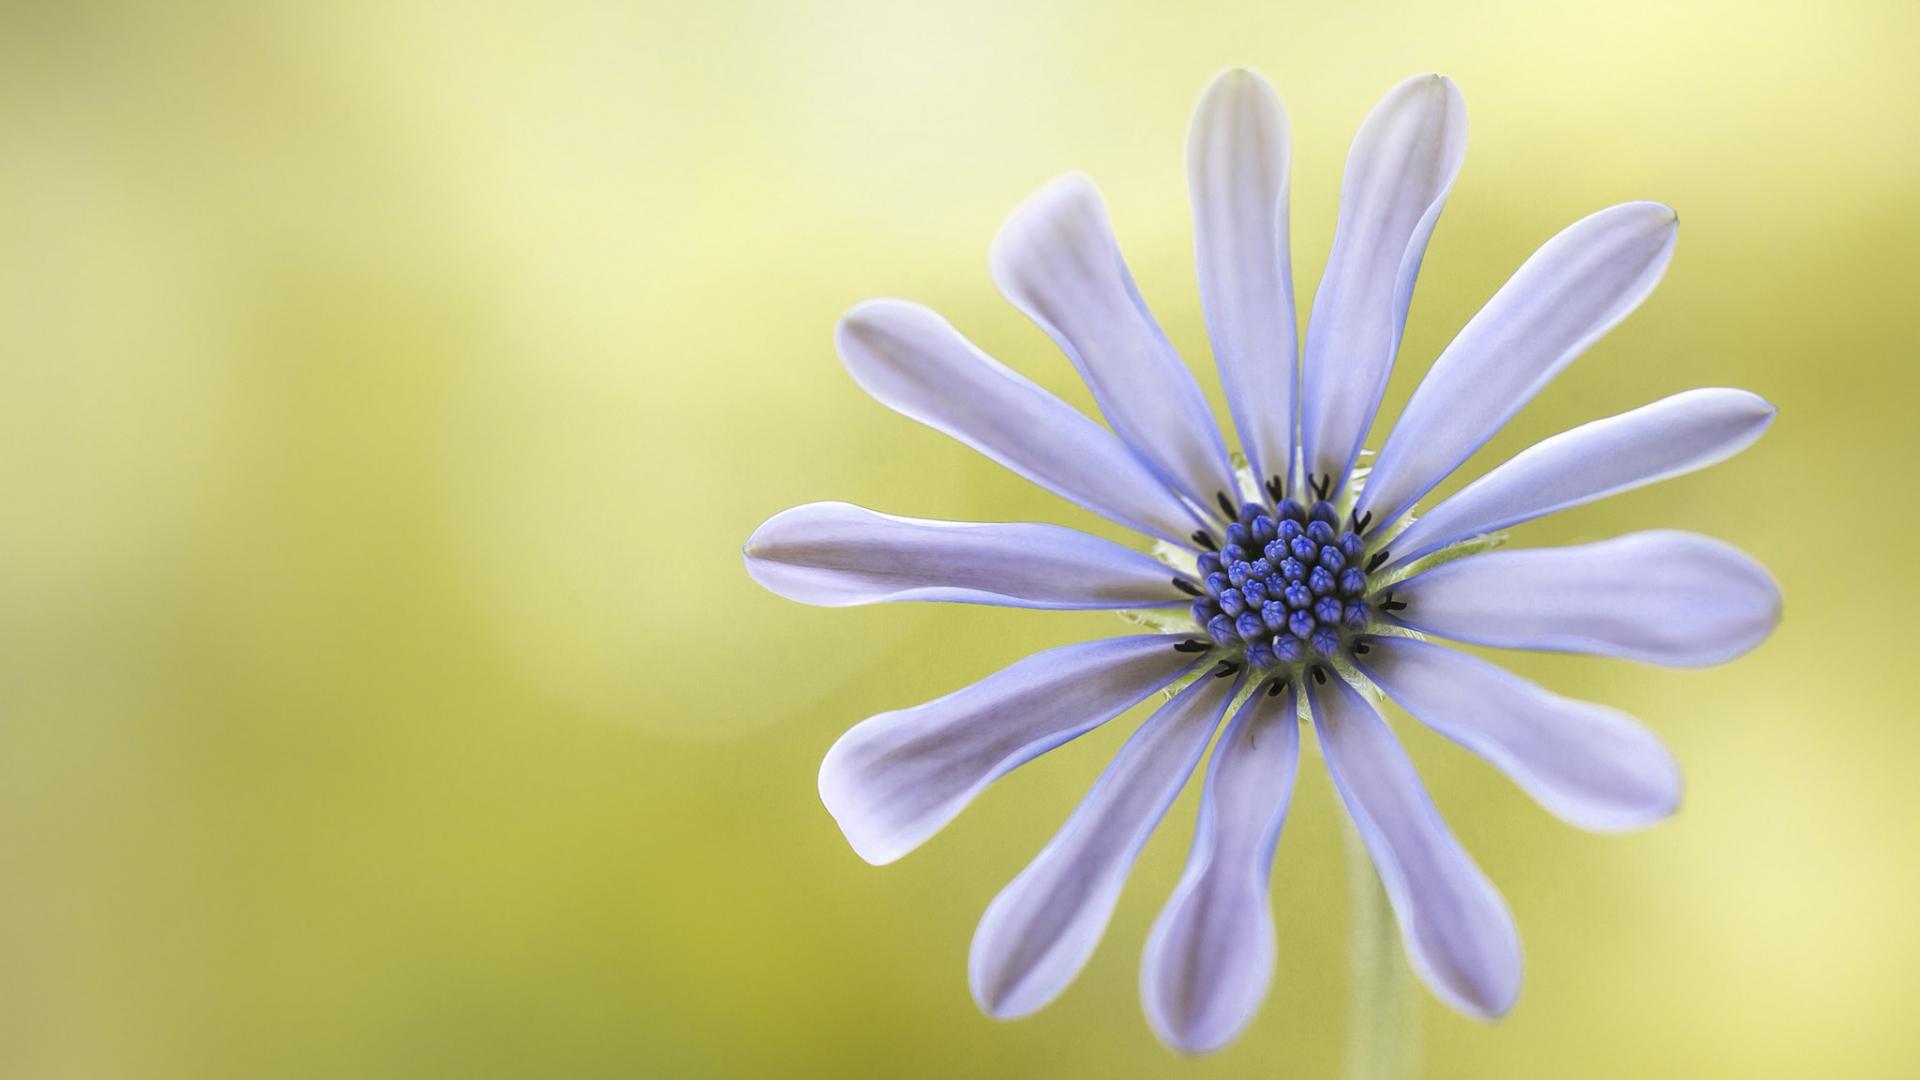 Flor púrpura - 1920x1080